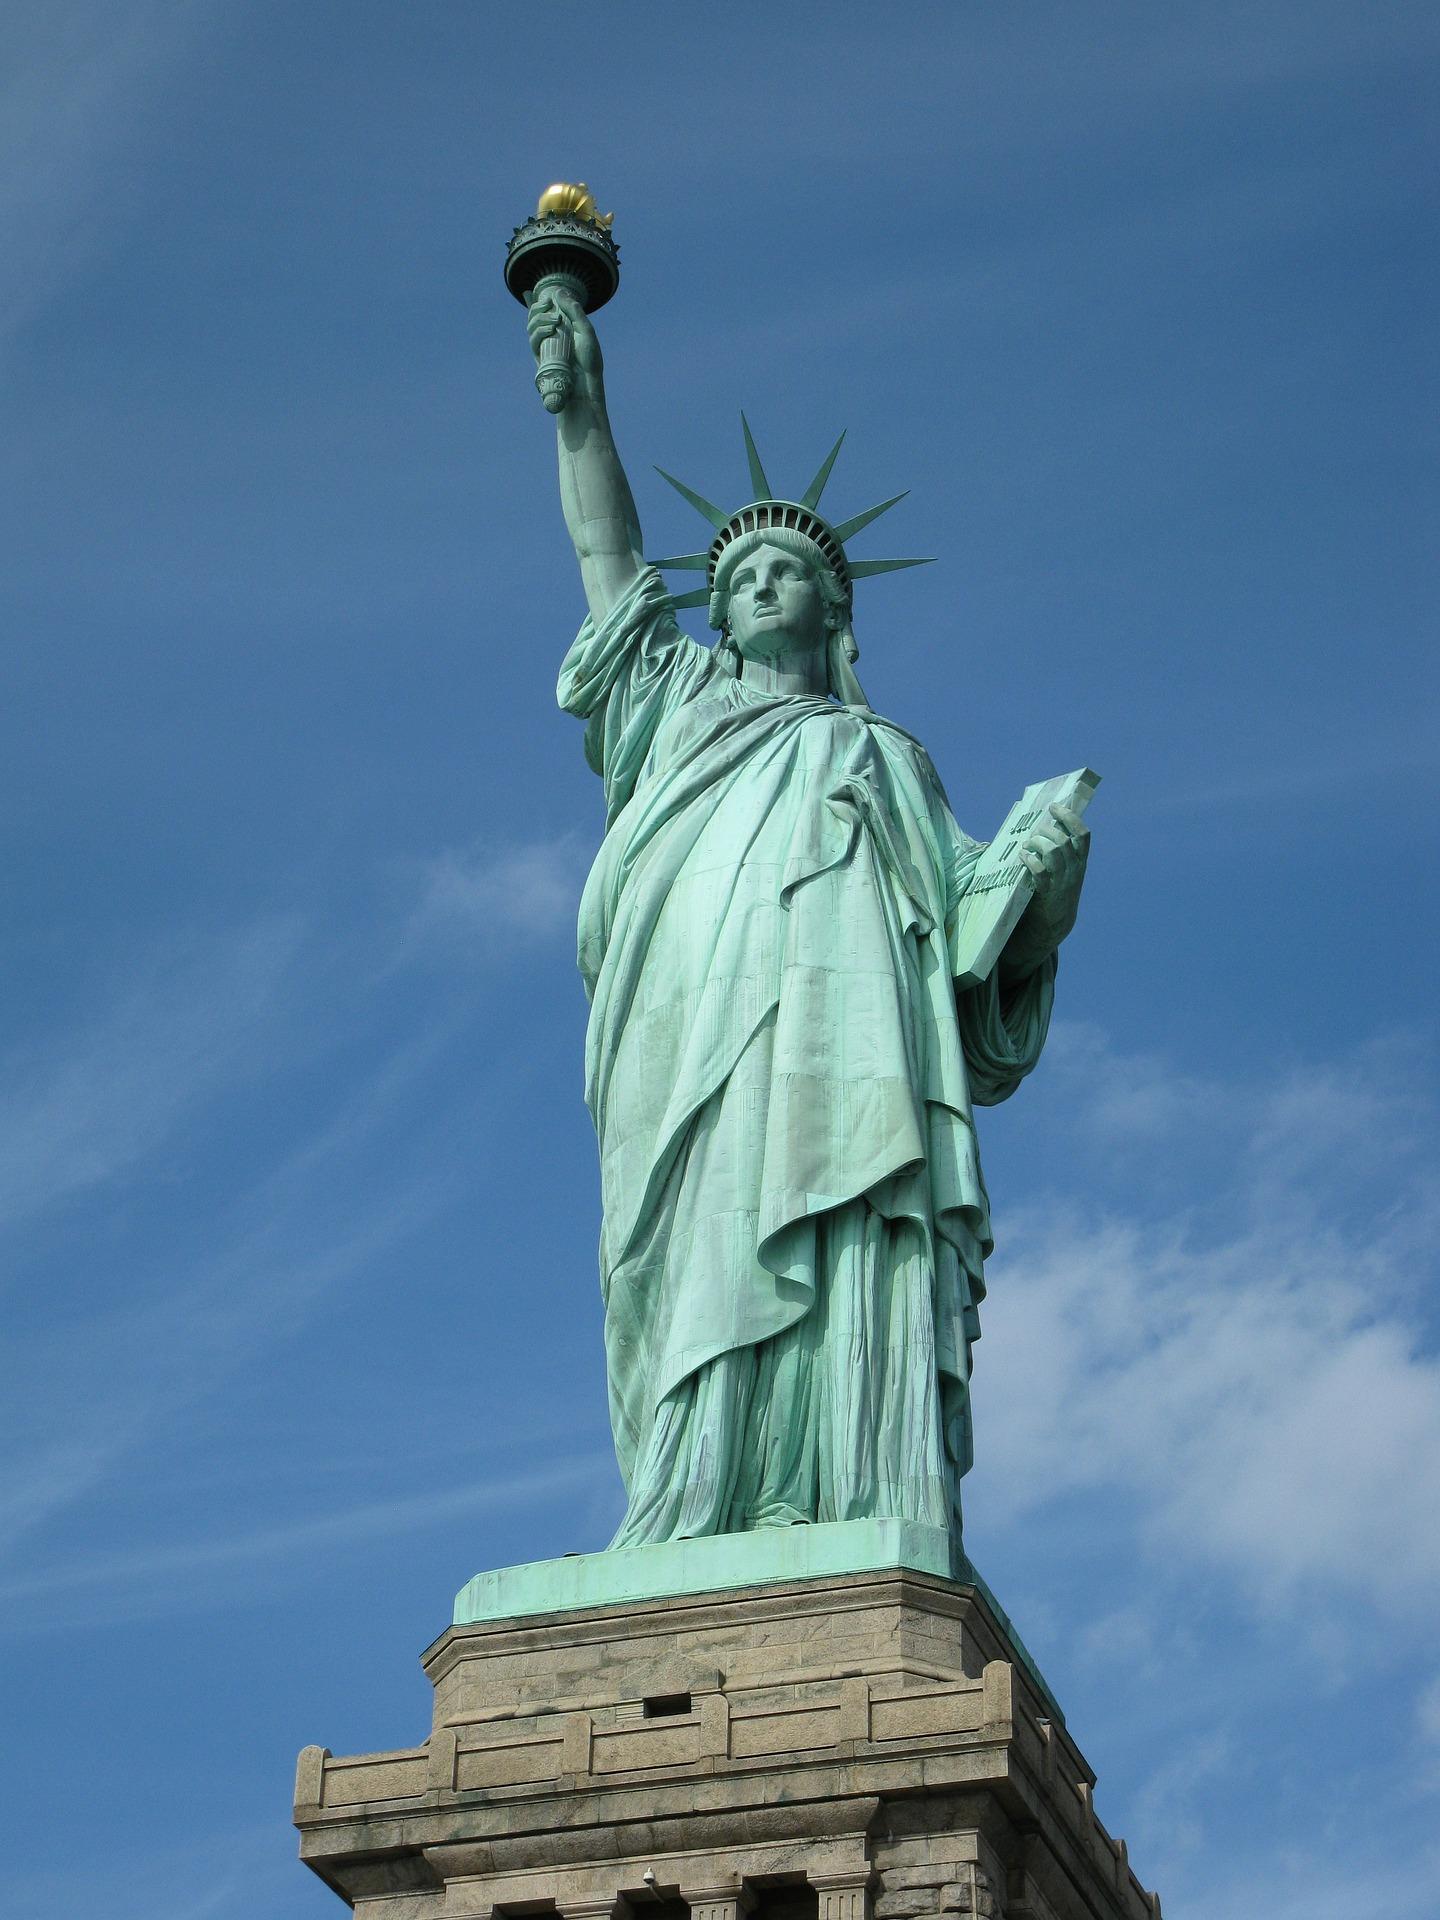 queen-of-liberty-202218_1920